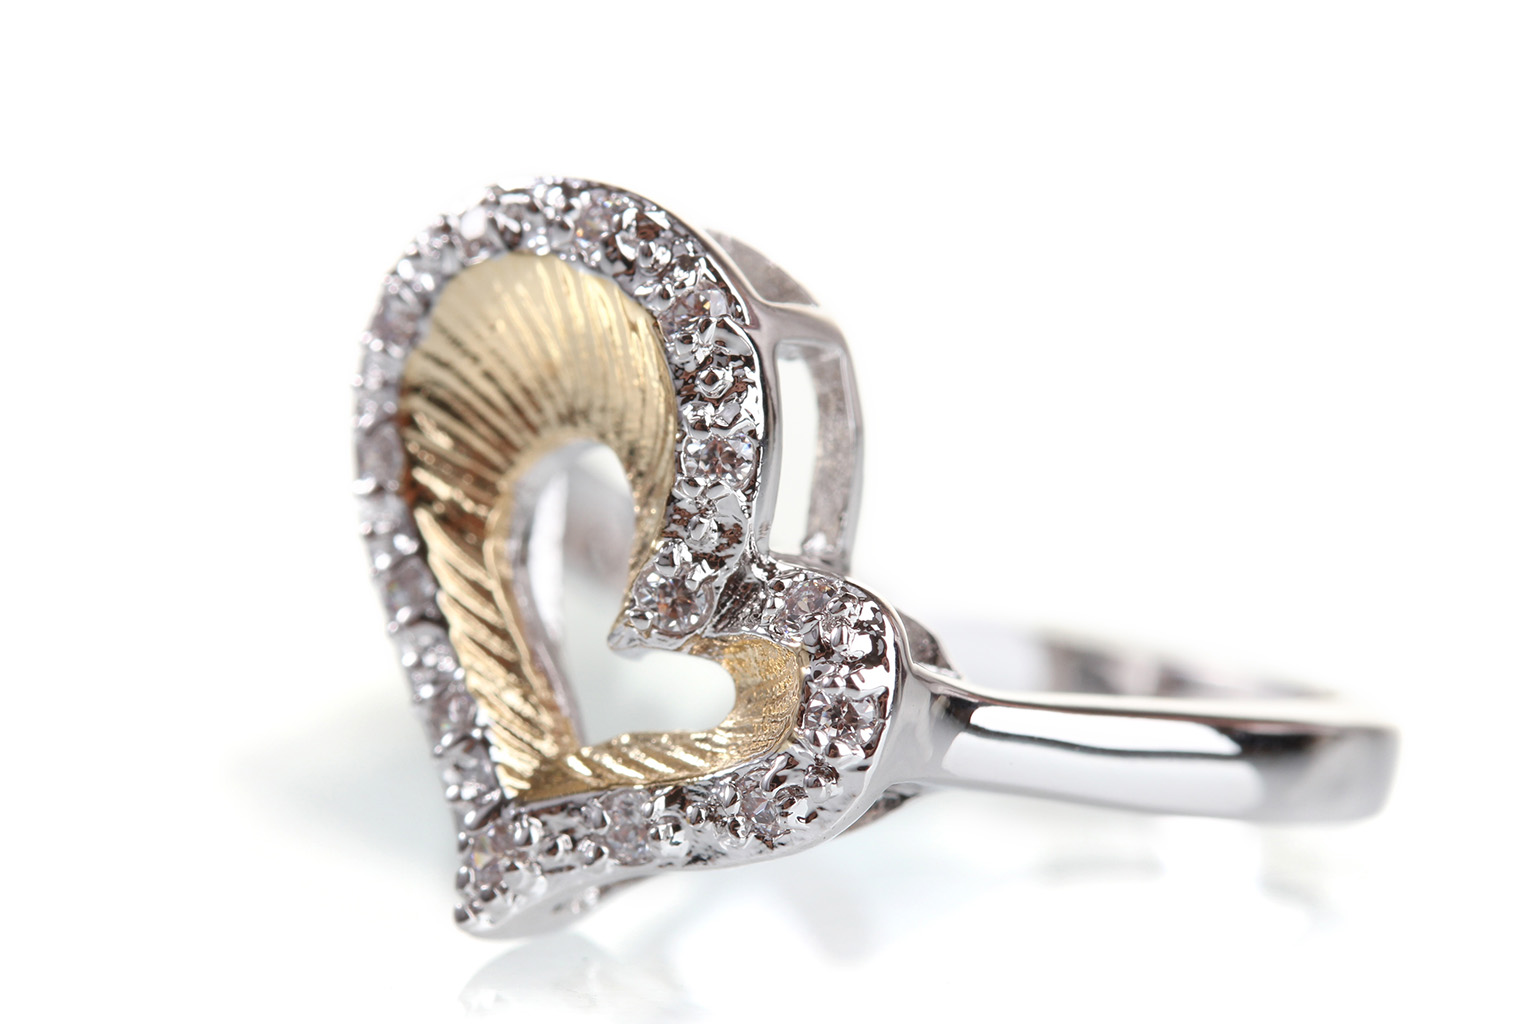 Alianza de plata en forma de corazón grande con hueco central delimitando el corazón, una de las sortijas de compromiso más bonitas con la que declararse.